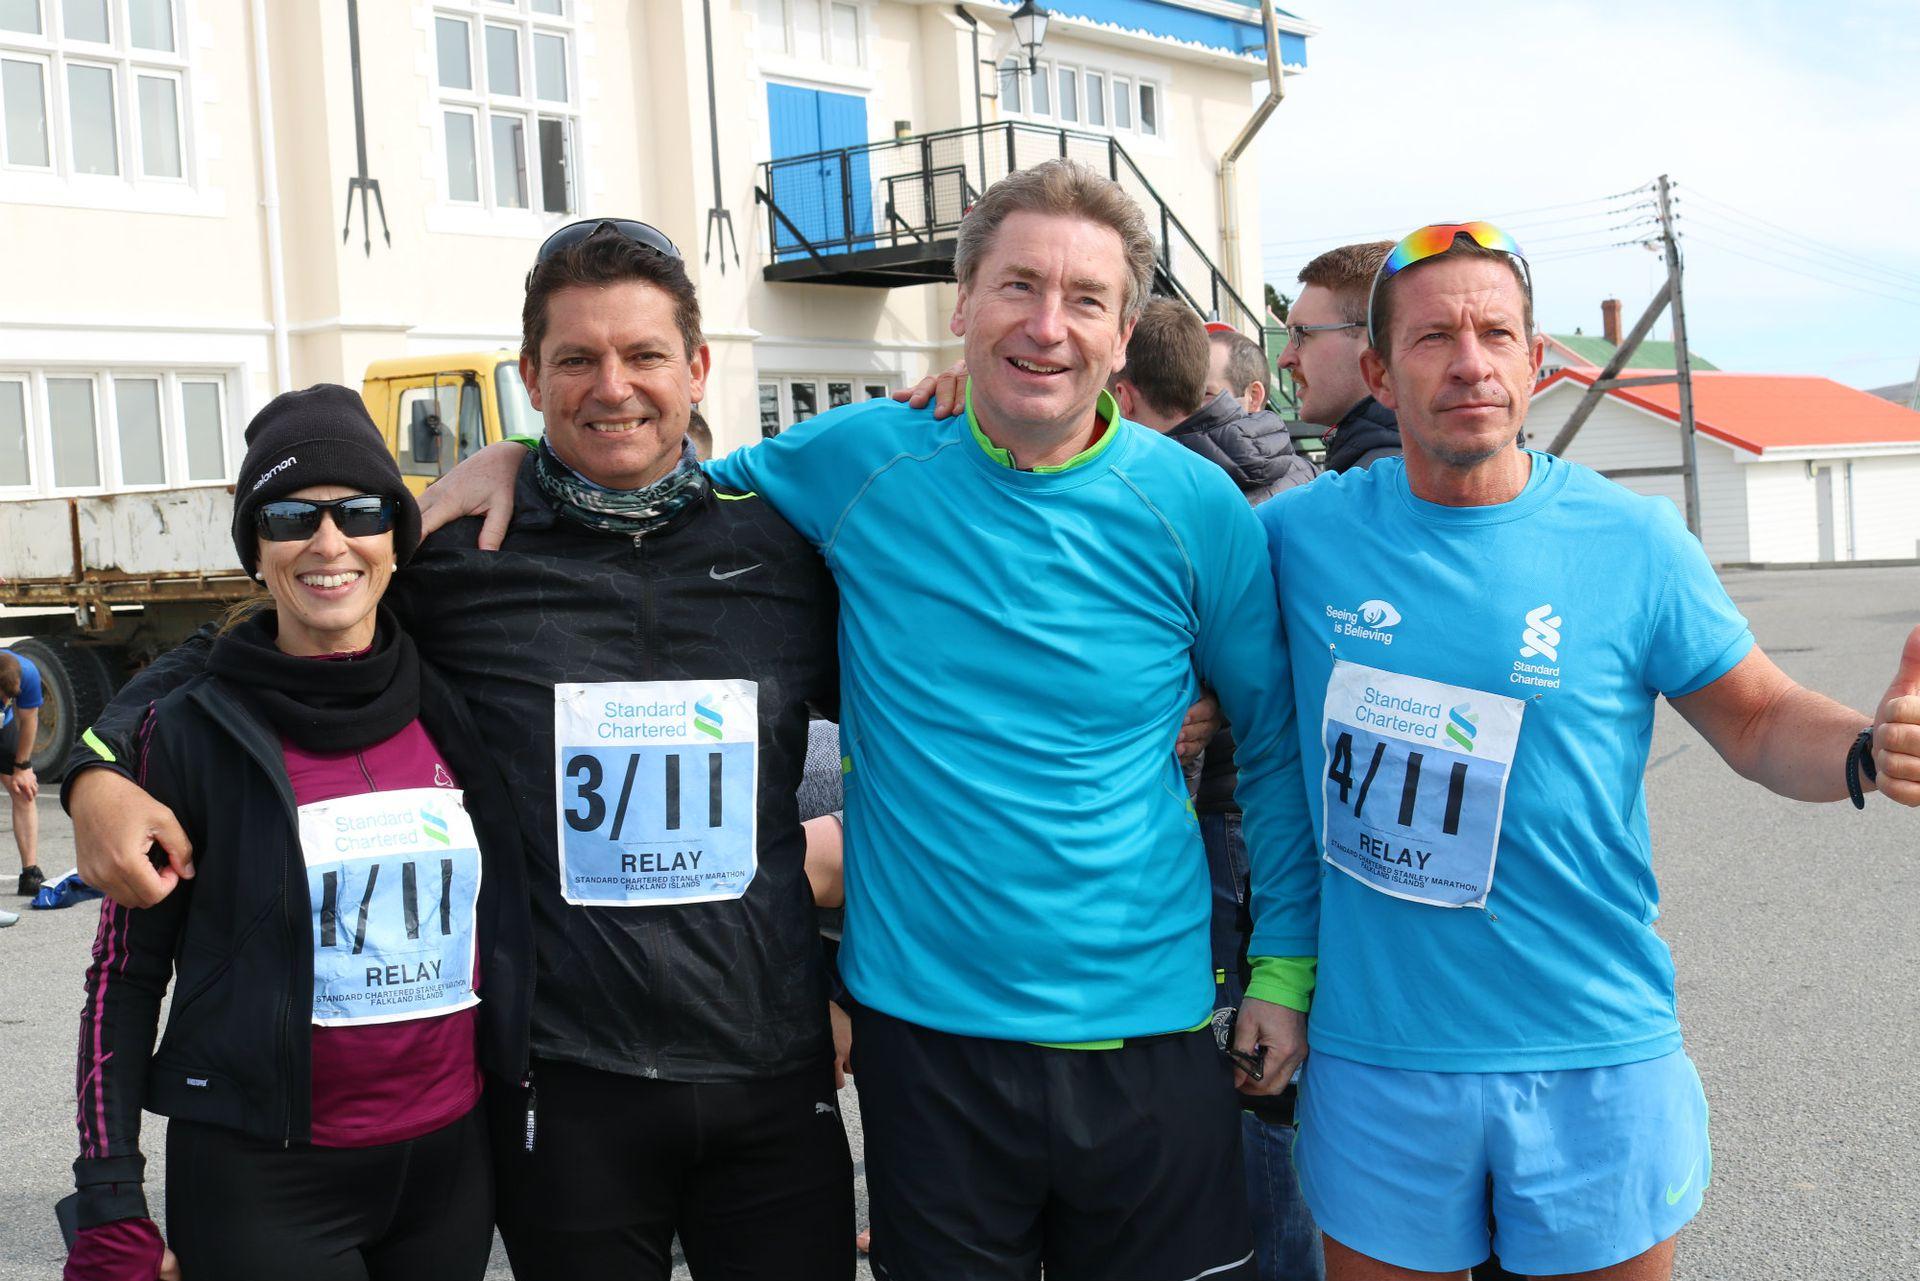 El equipo Chimichurri: Graciela Brunazzo, esposa de Jiménez Corbalán, él, Marc Townsend y Marcelo De Bernardis, corredor histórico de la carrera en las islas